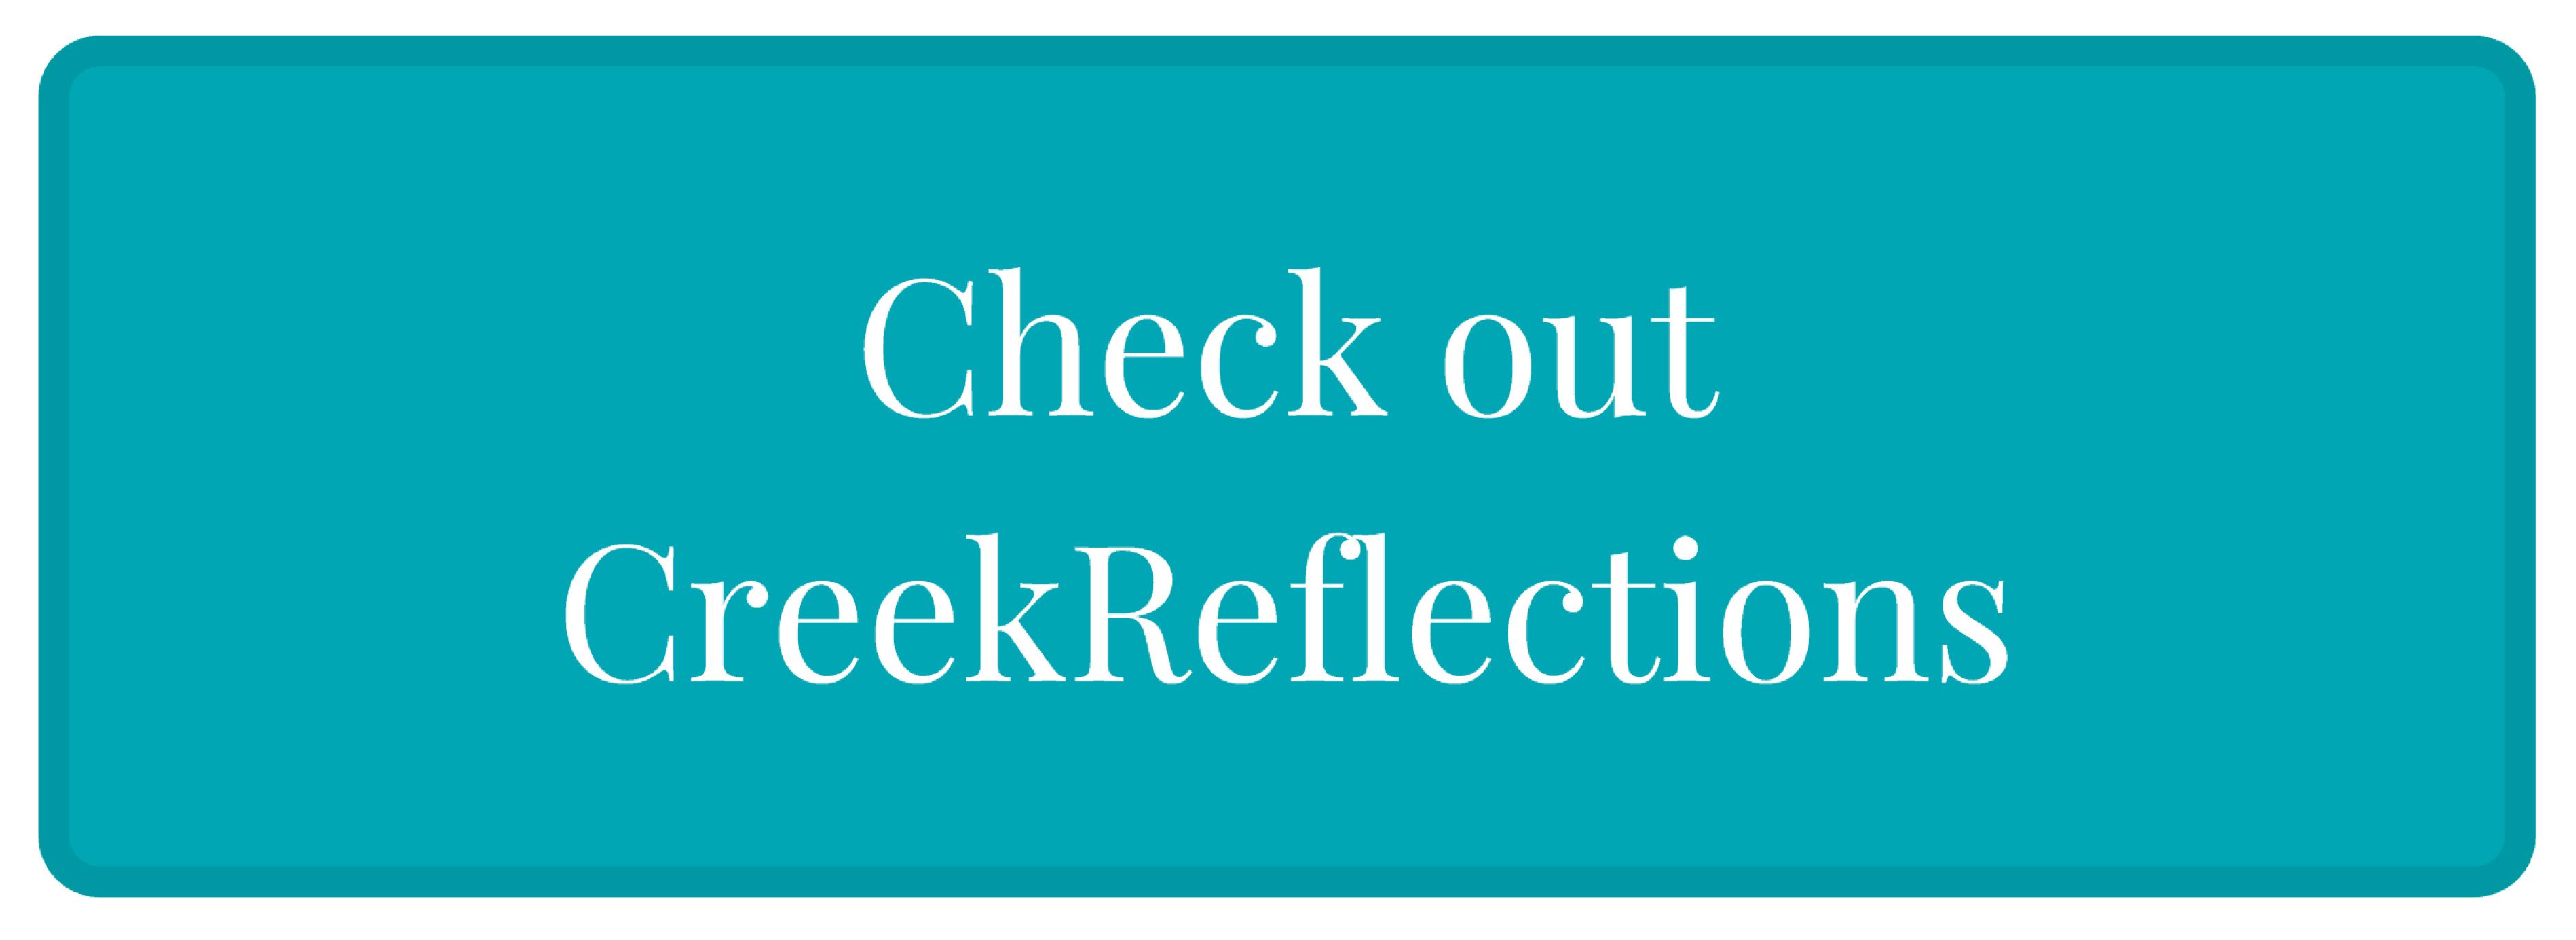 CreekReflections-FitBit Bracelet